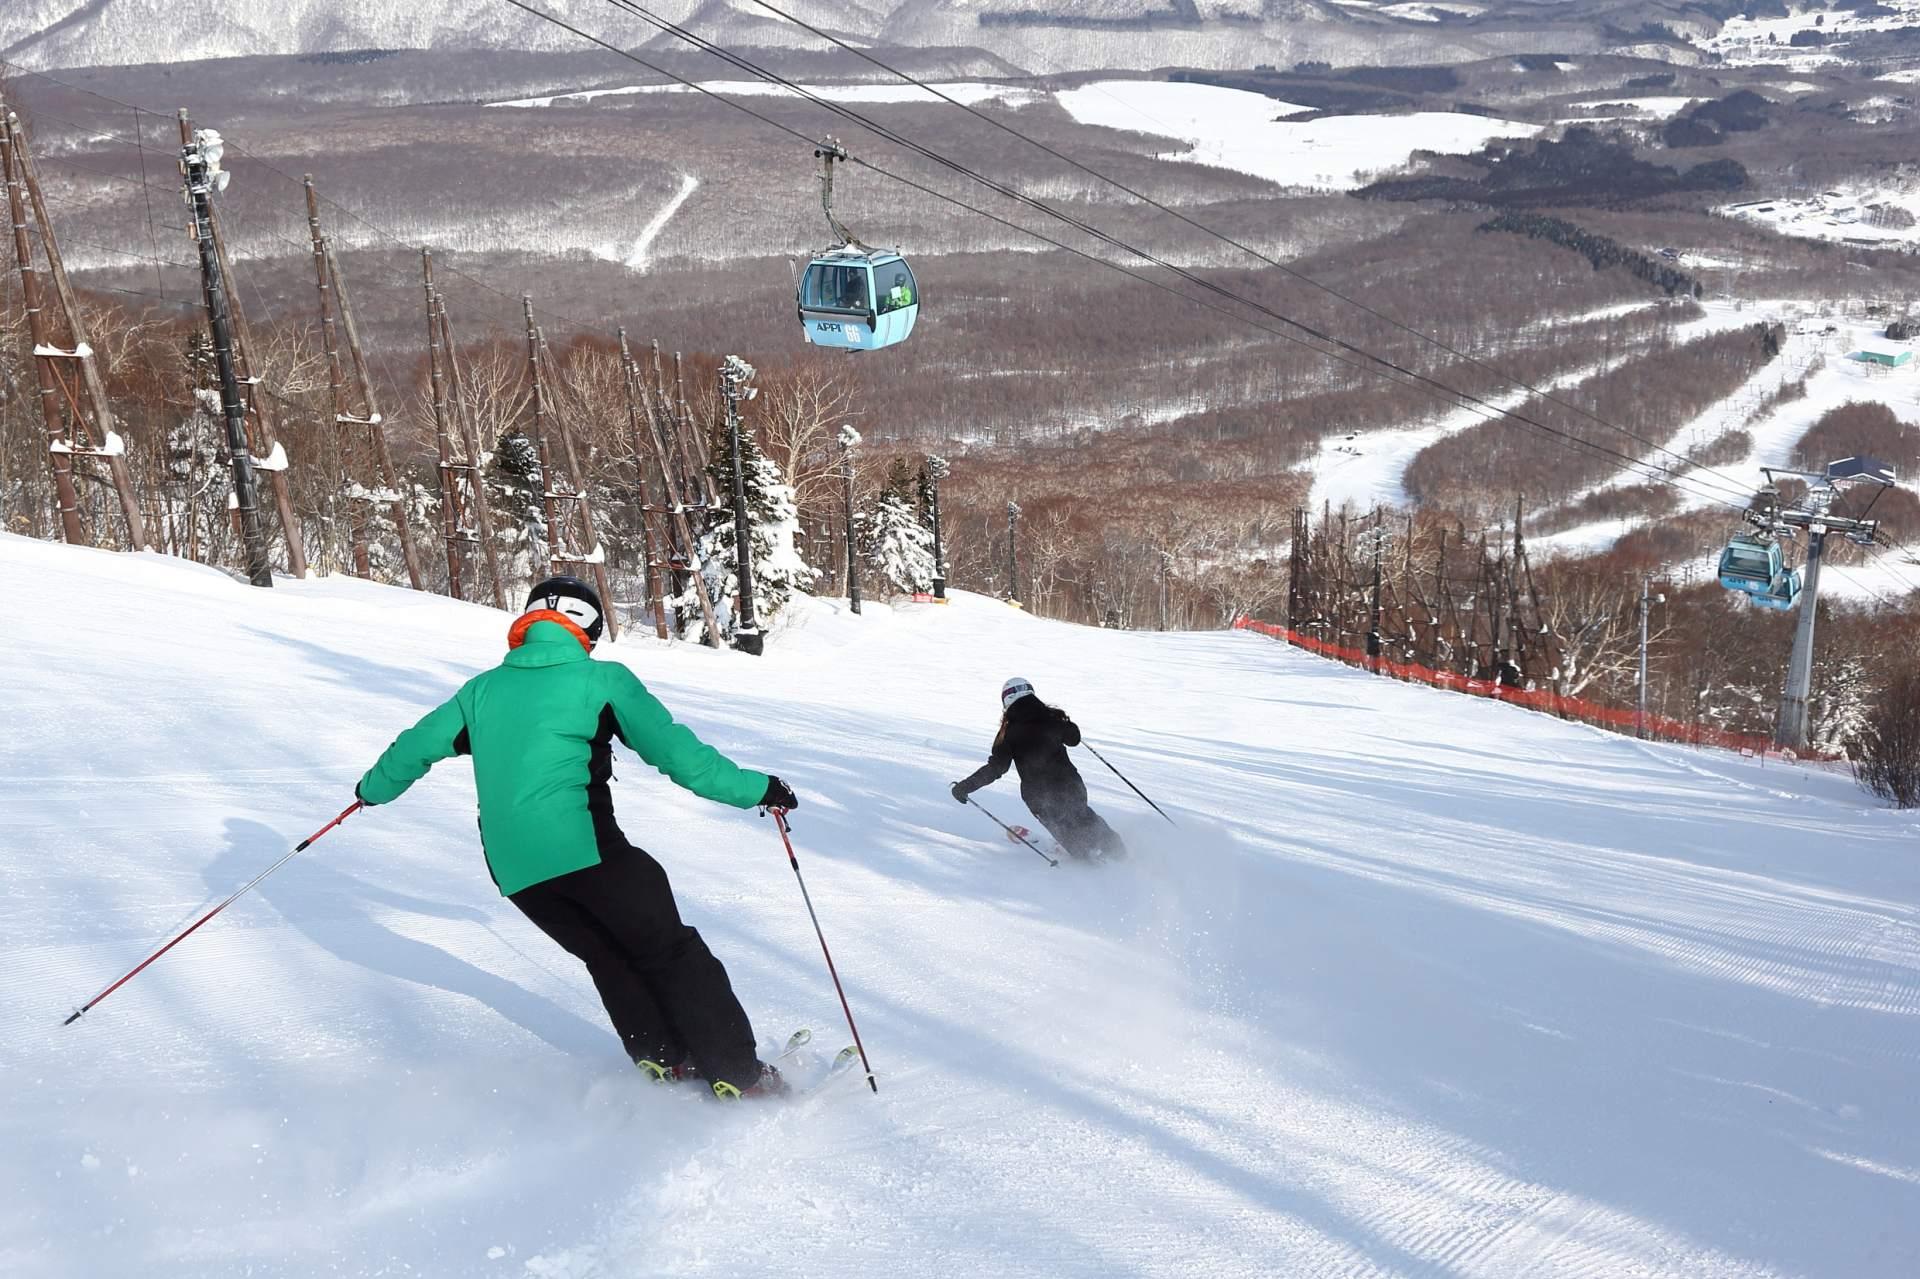 花費大量時間並運用壓雪技術處理的滑道,保證長時間的滑雪也能順暢進行。